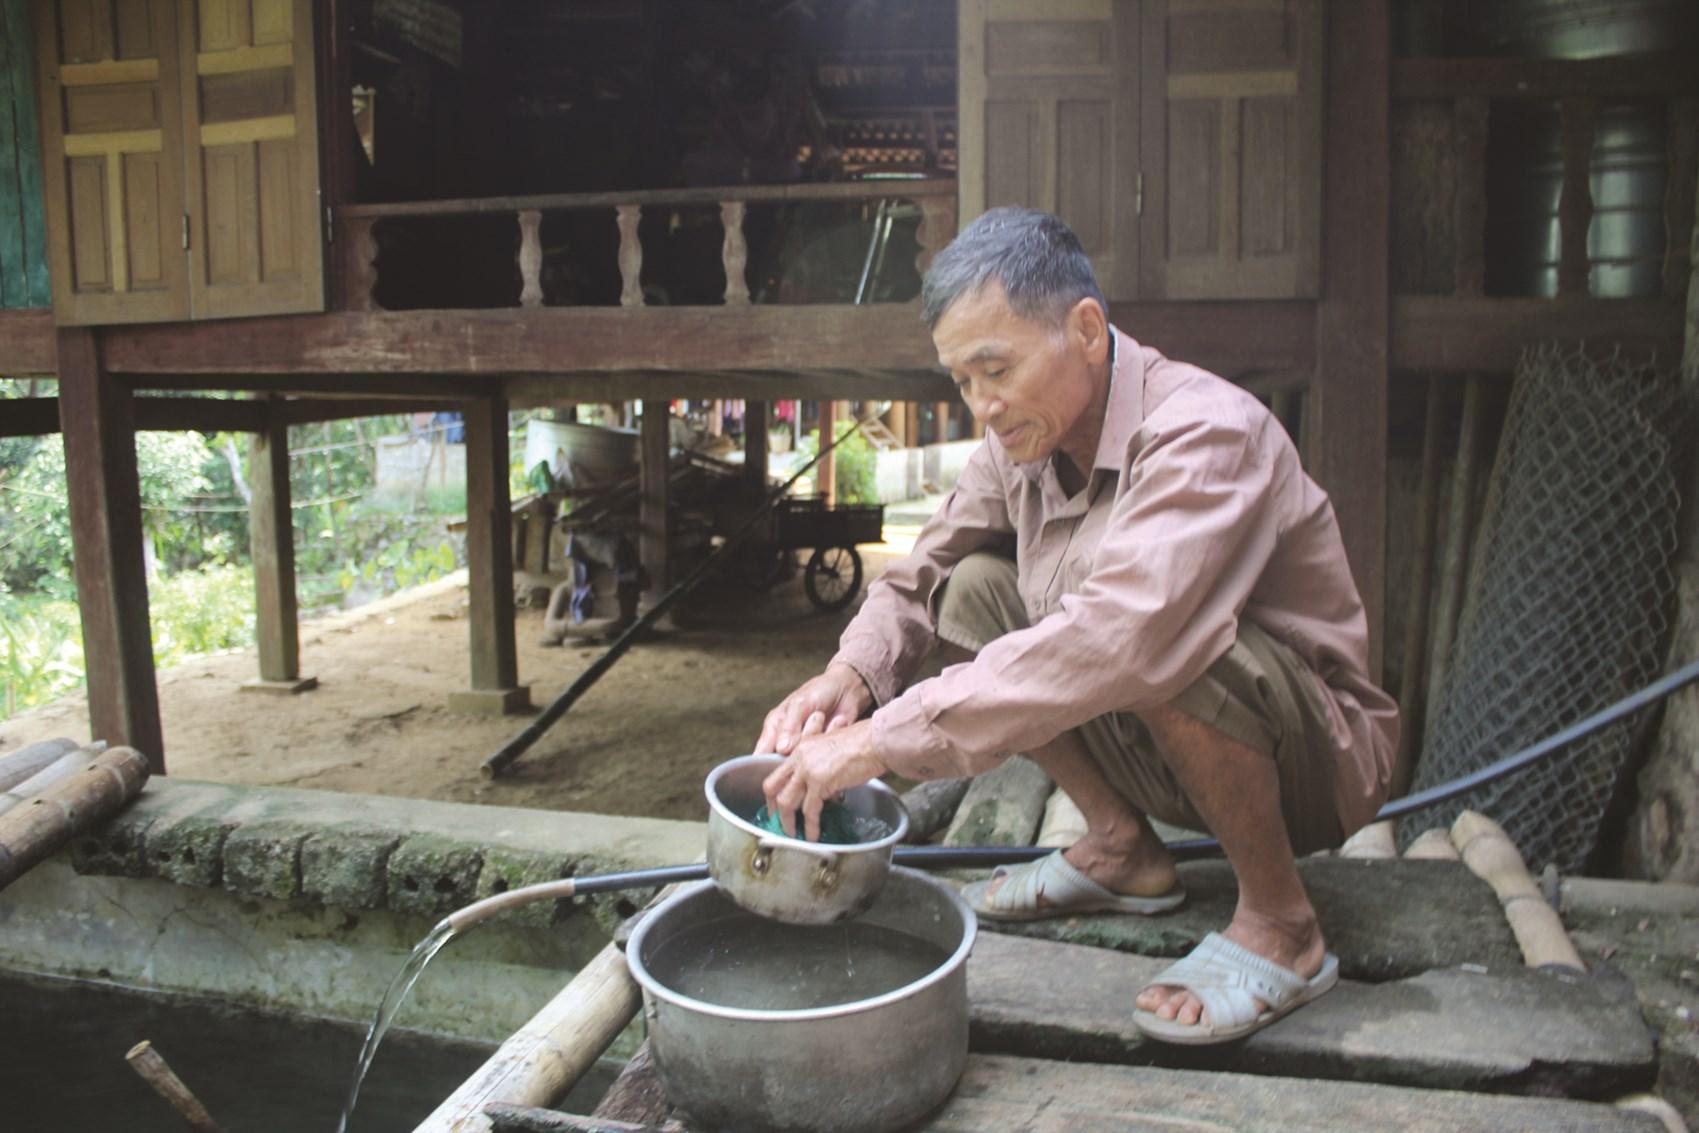 Cuộc sống tạm bợ của người dân ven lòng hồ Cửa Đạt